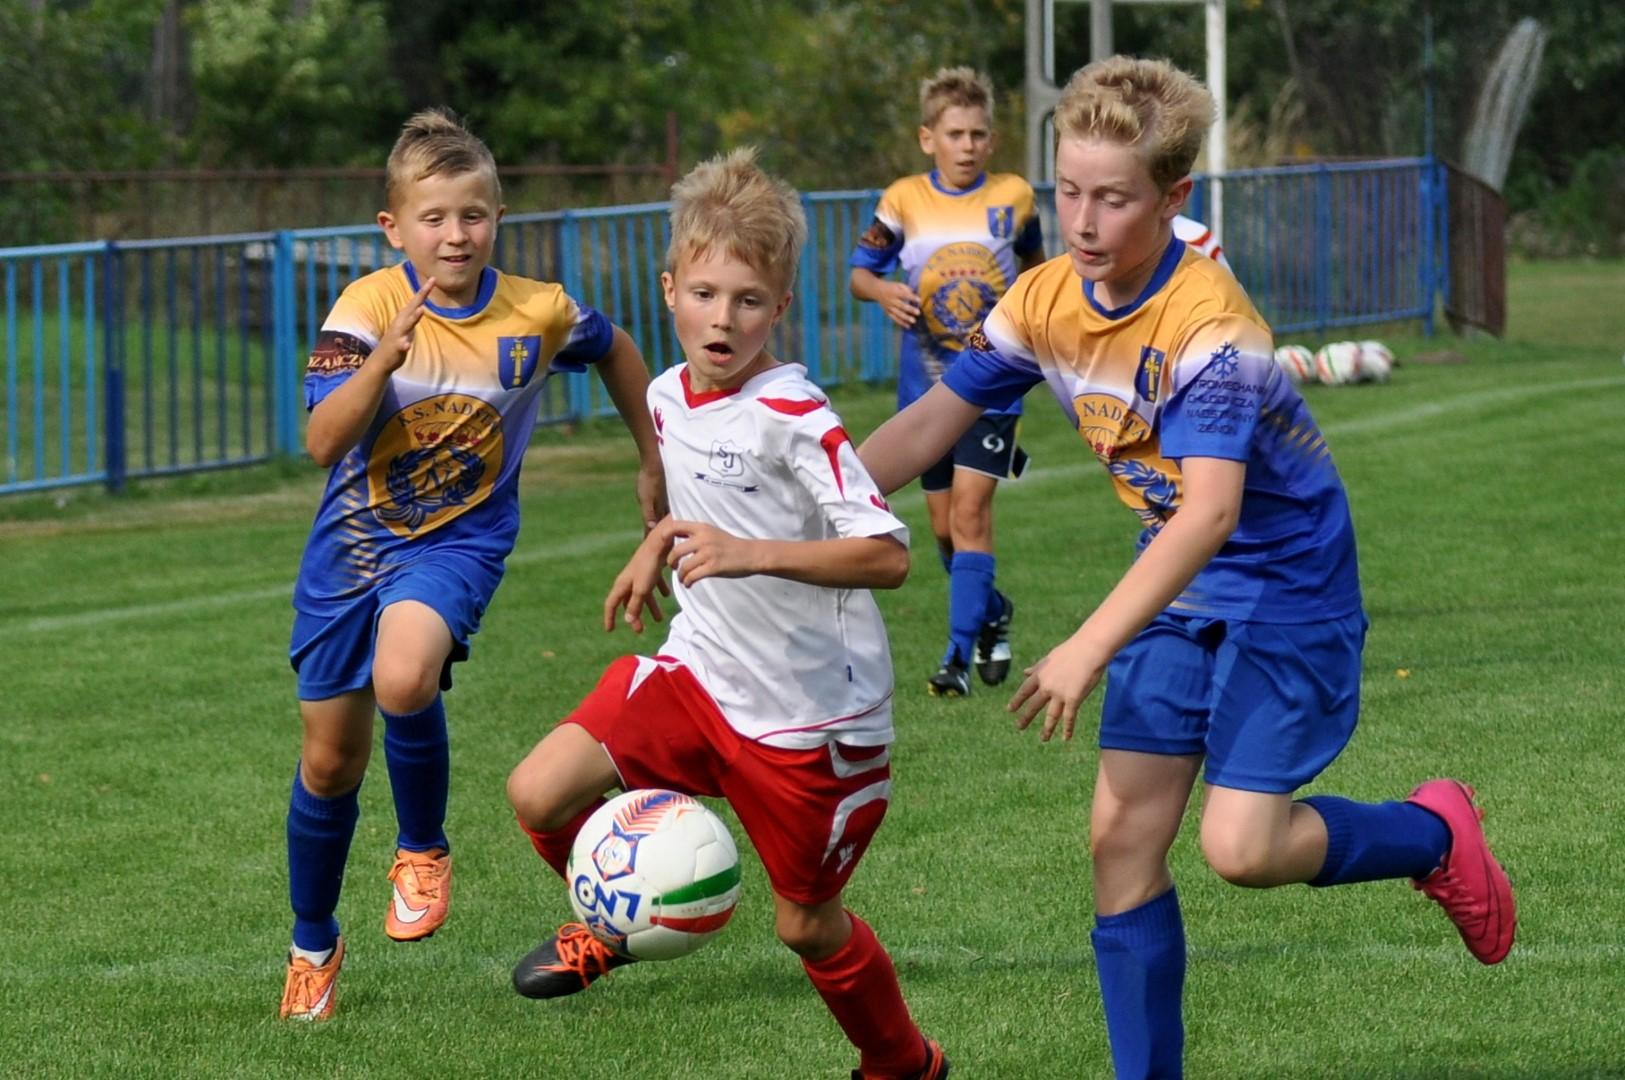 1 KOL: KS Nadstal Krzaki Czaplinkowskie (2007)